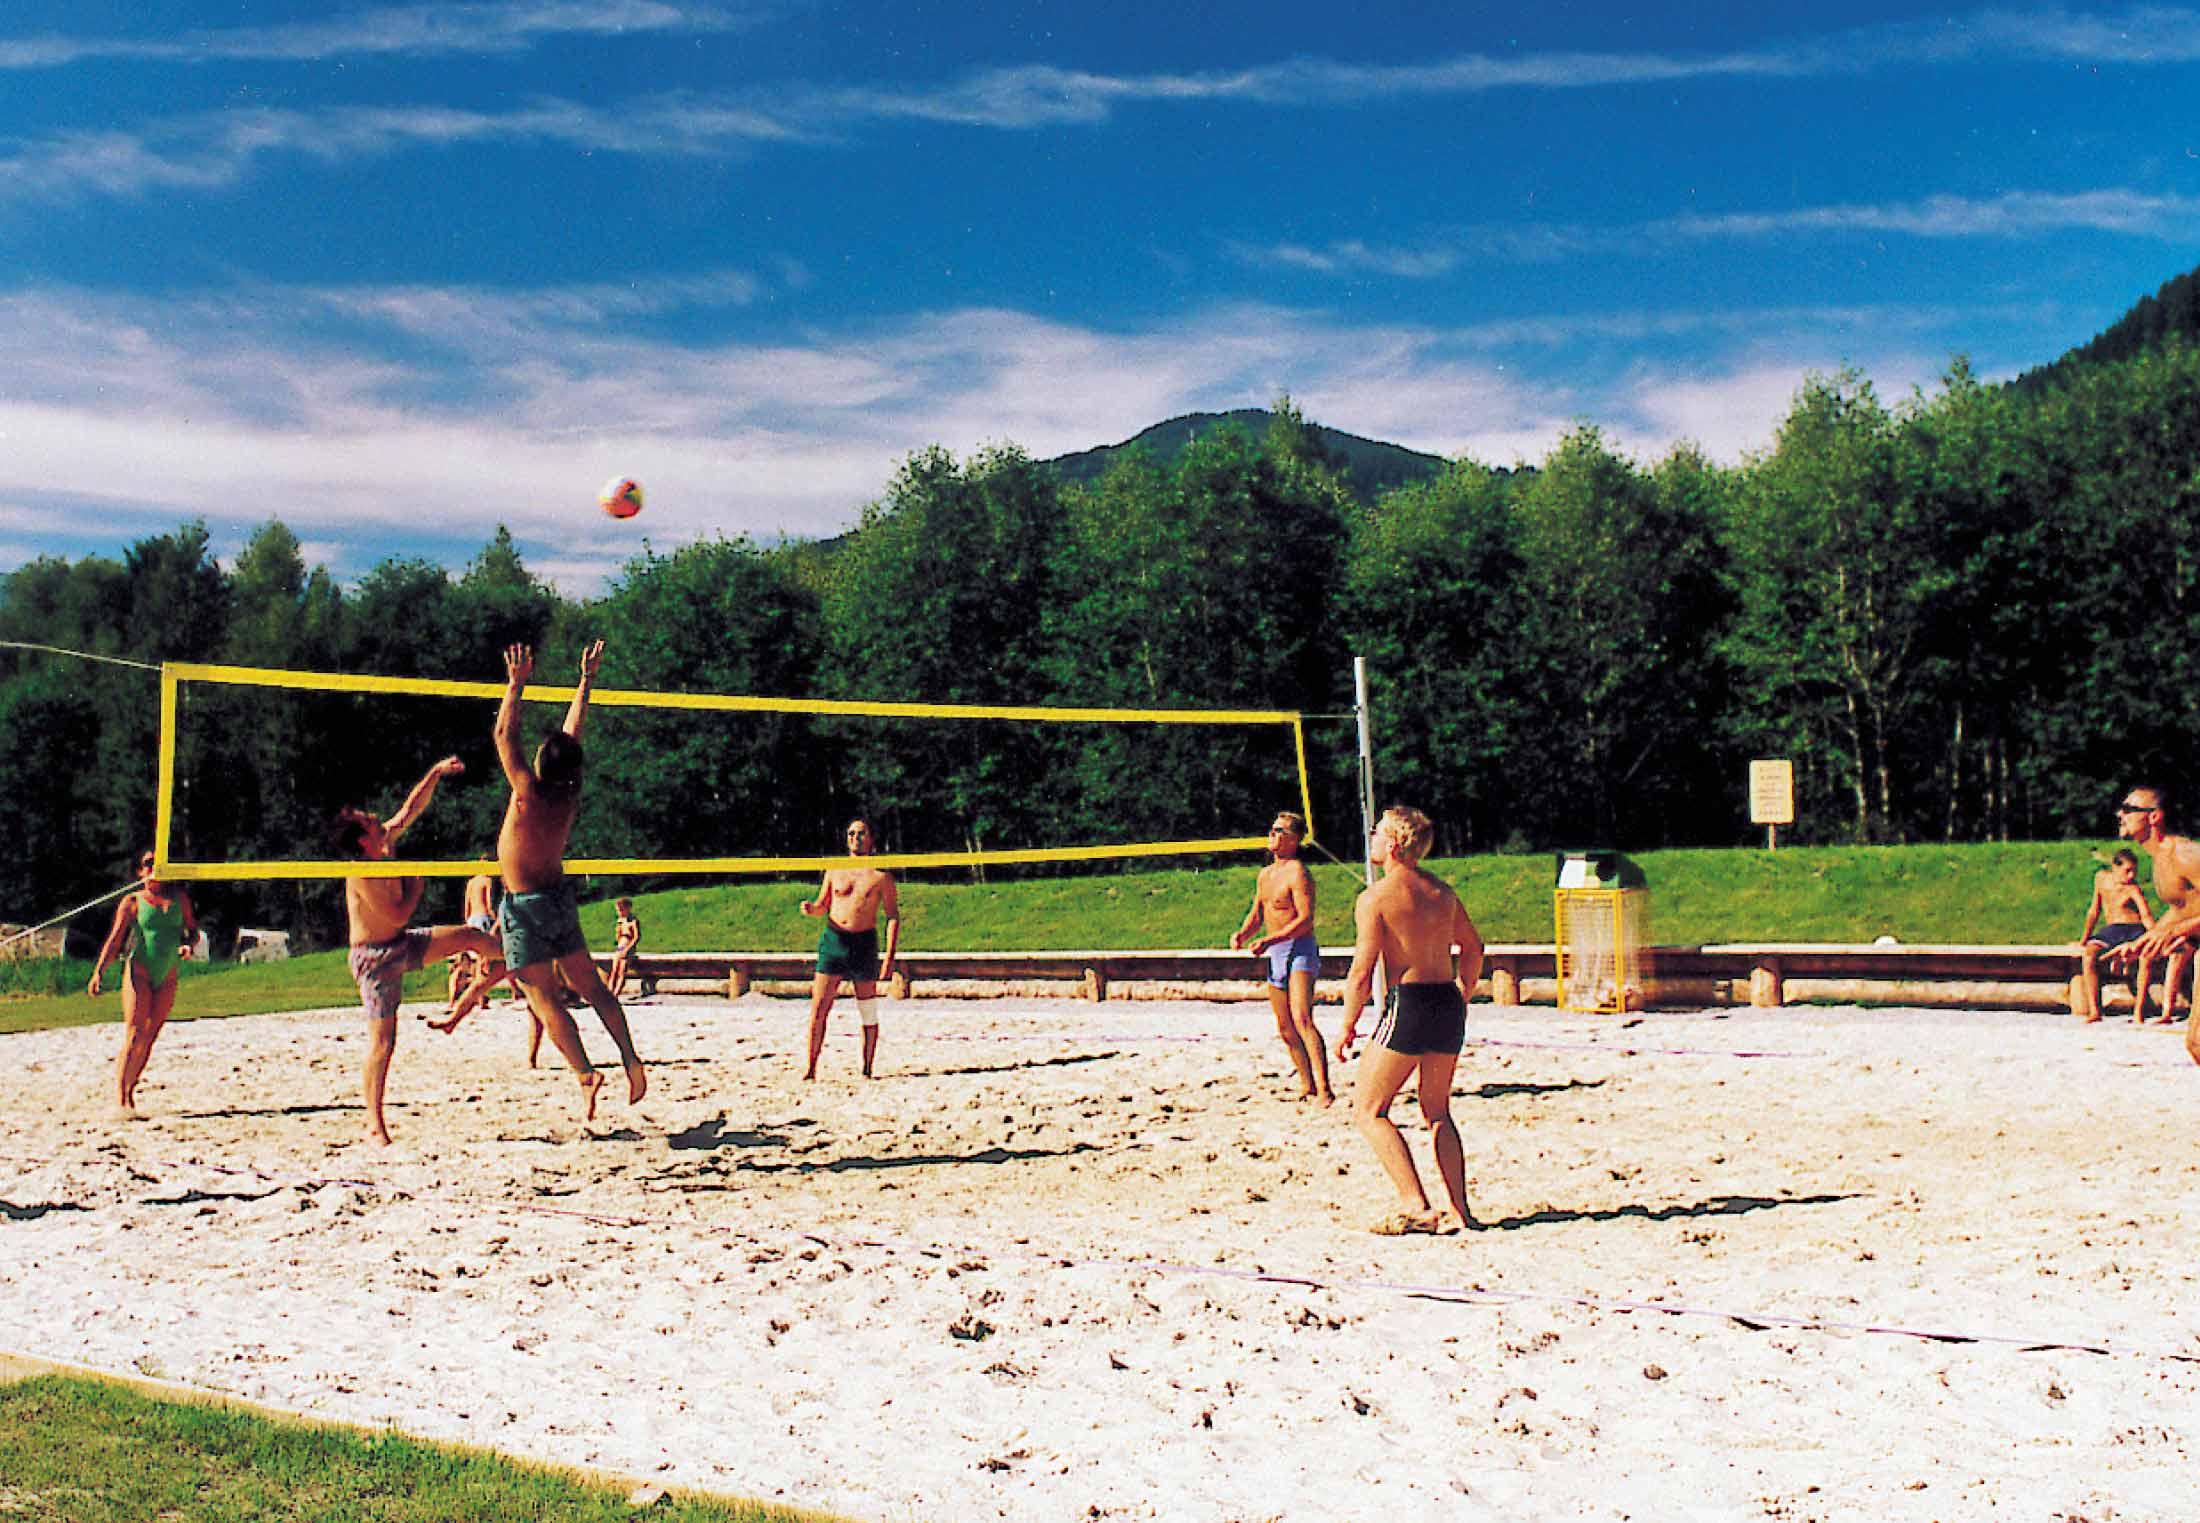 Beachvolleyball-Platz